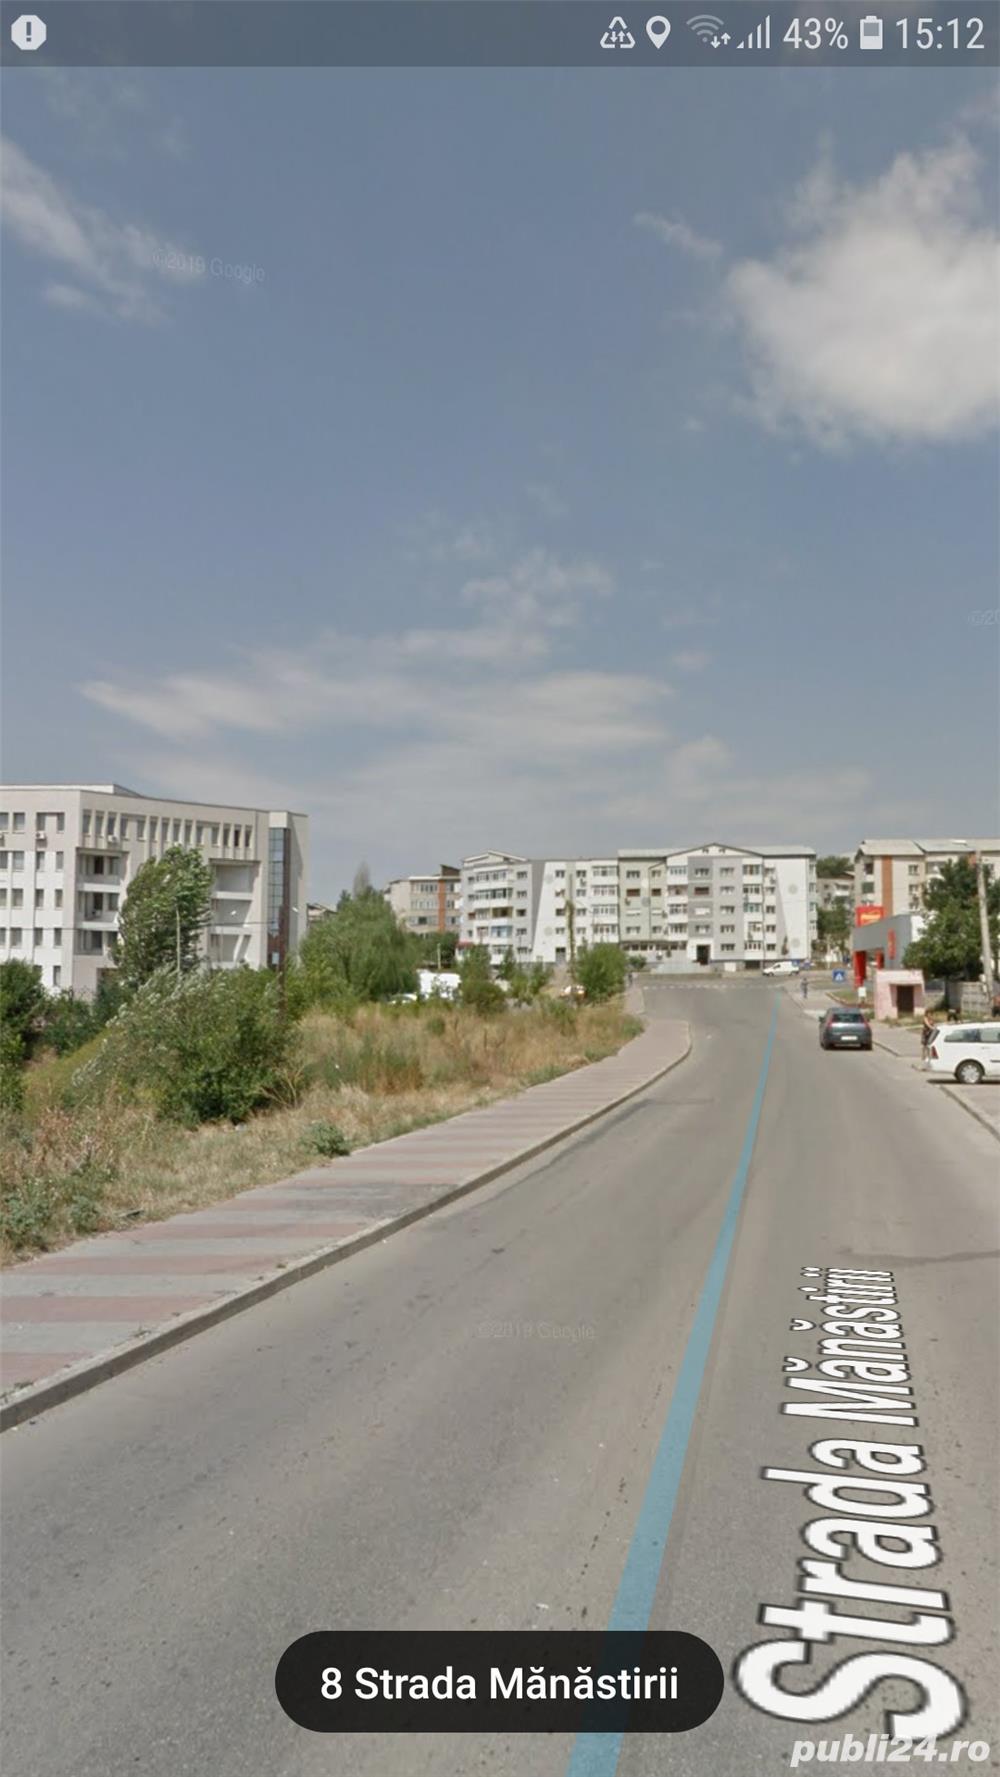 Inchiriez teren in zona ultracentrala Slatina / Olt